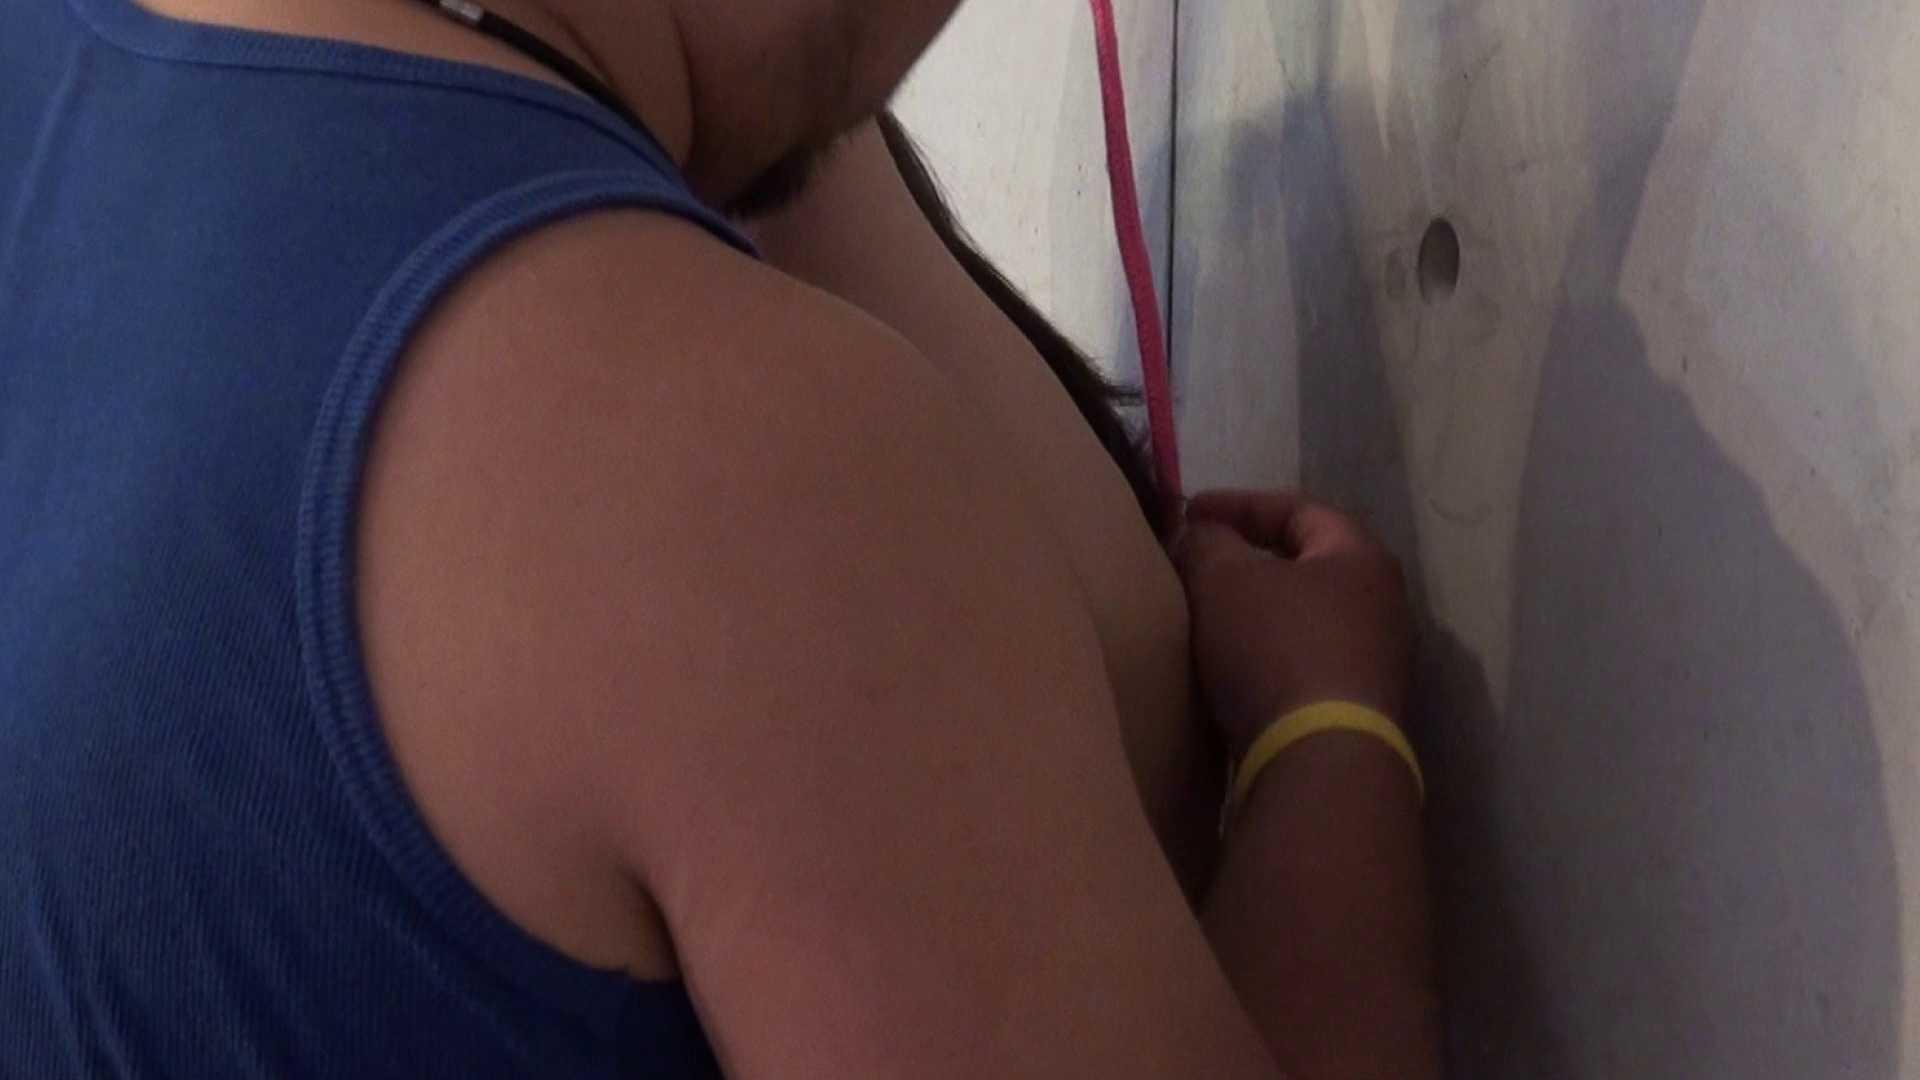 vol.28 留華ちゃんのアソコの濡れ具合をチェック! 顔出しNG一般女性   OLのエッチ  110pic 3